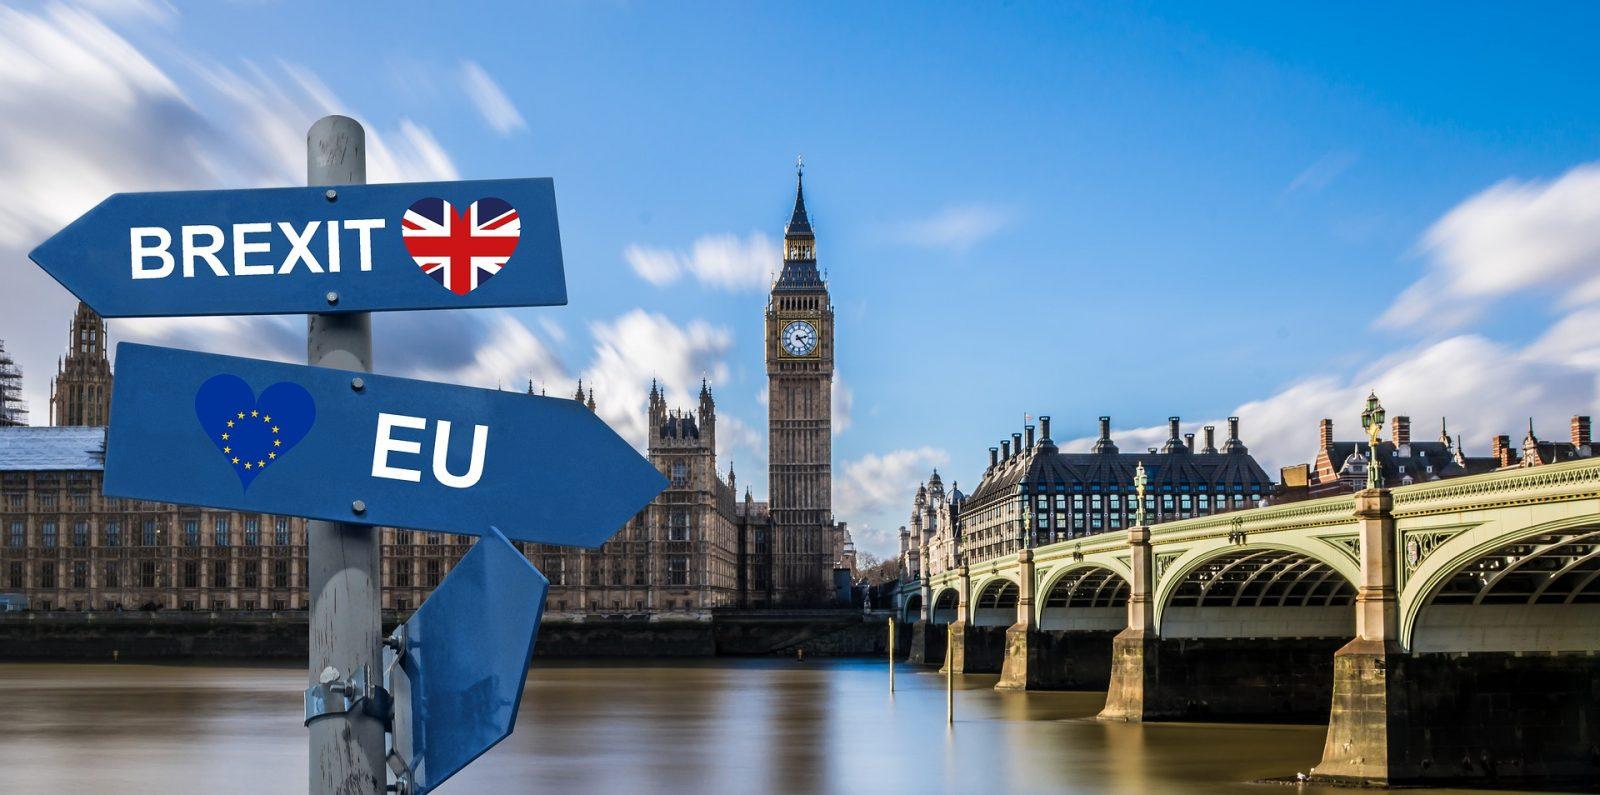 Brexit-Abstimmung: Wie reagiert die Börse?